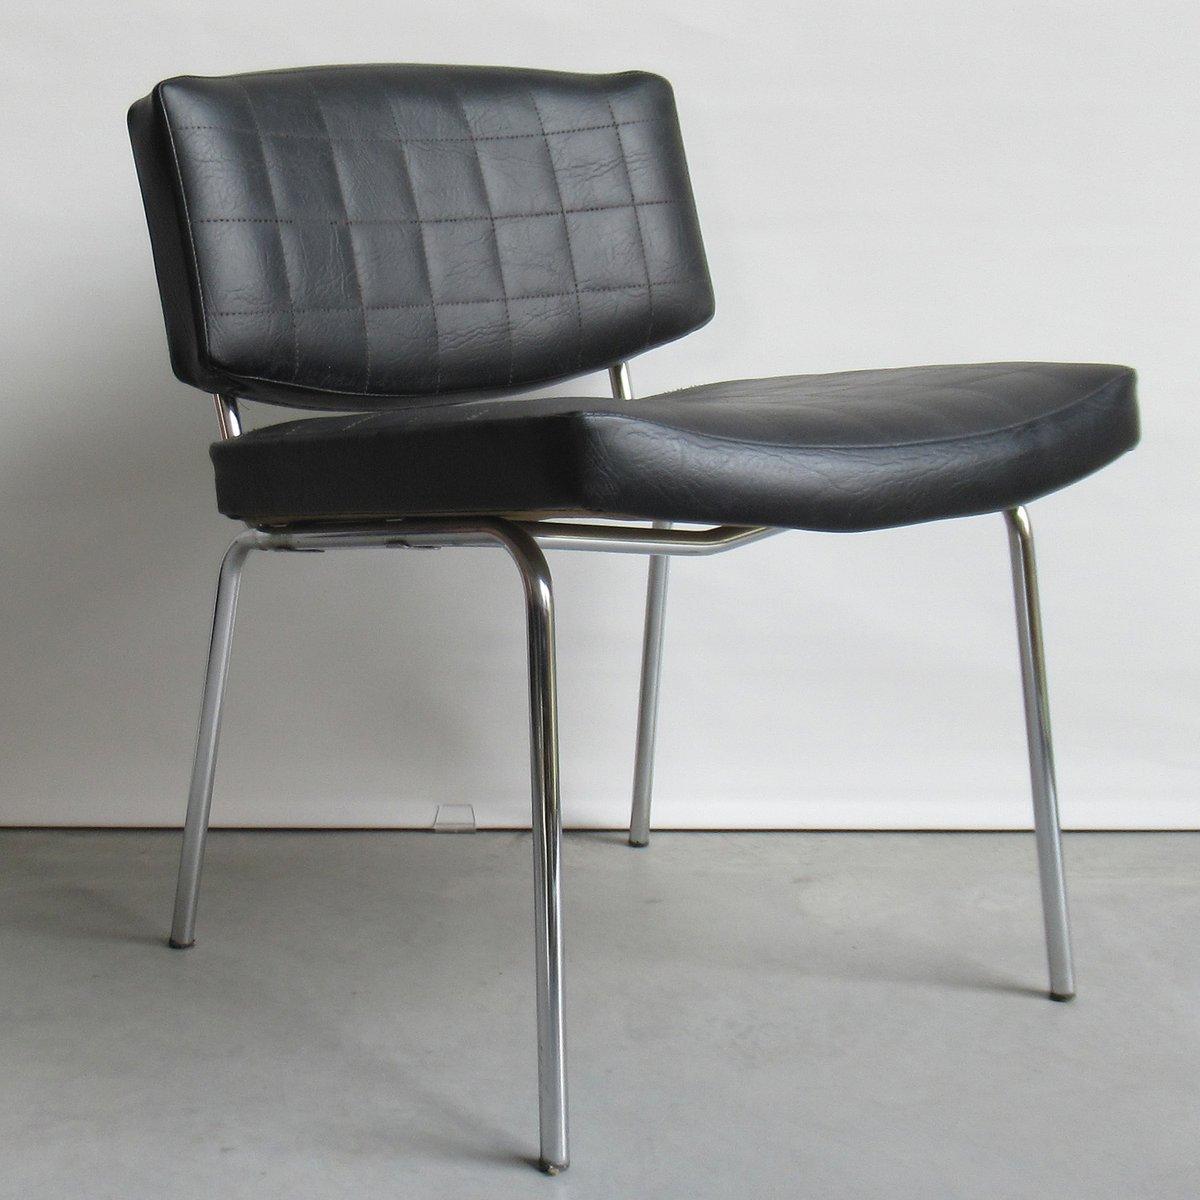 chaise mod le board mid century par pierre guariche pour meurop en vente sur pamono. Black Bedroom Furniture Sets. Home Design Ideas